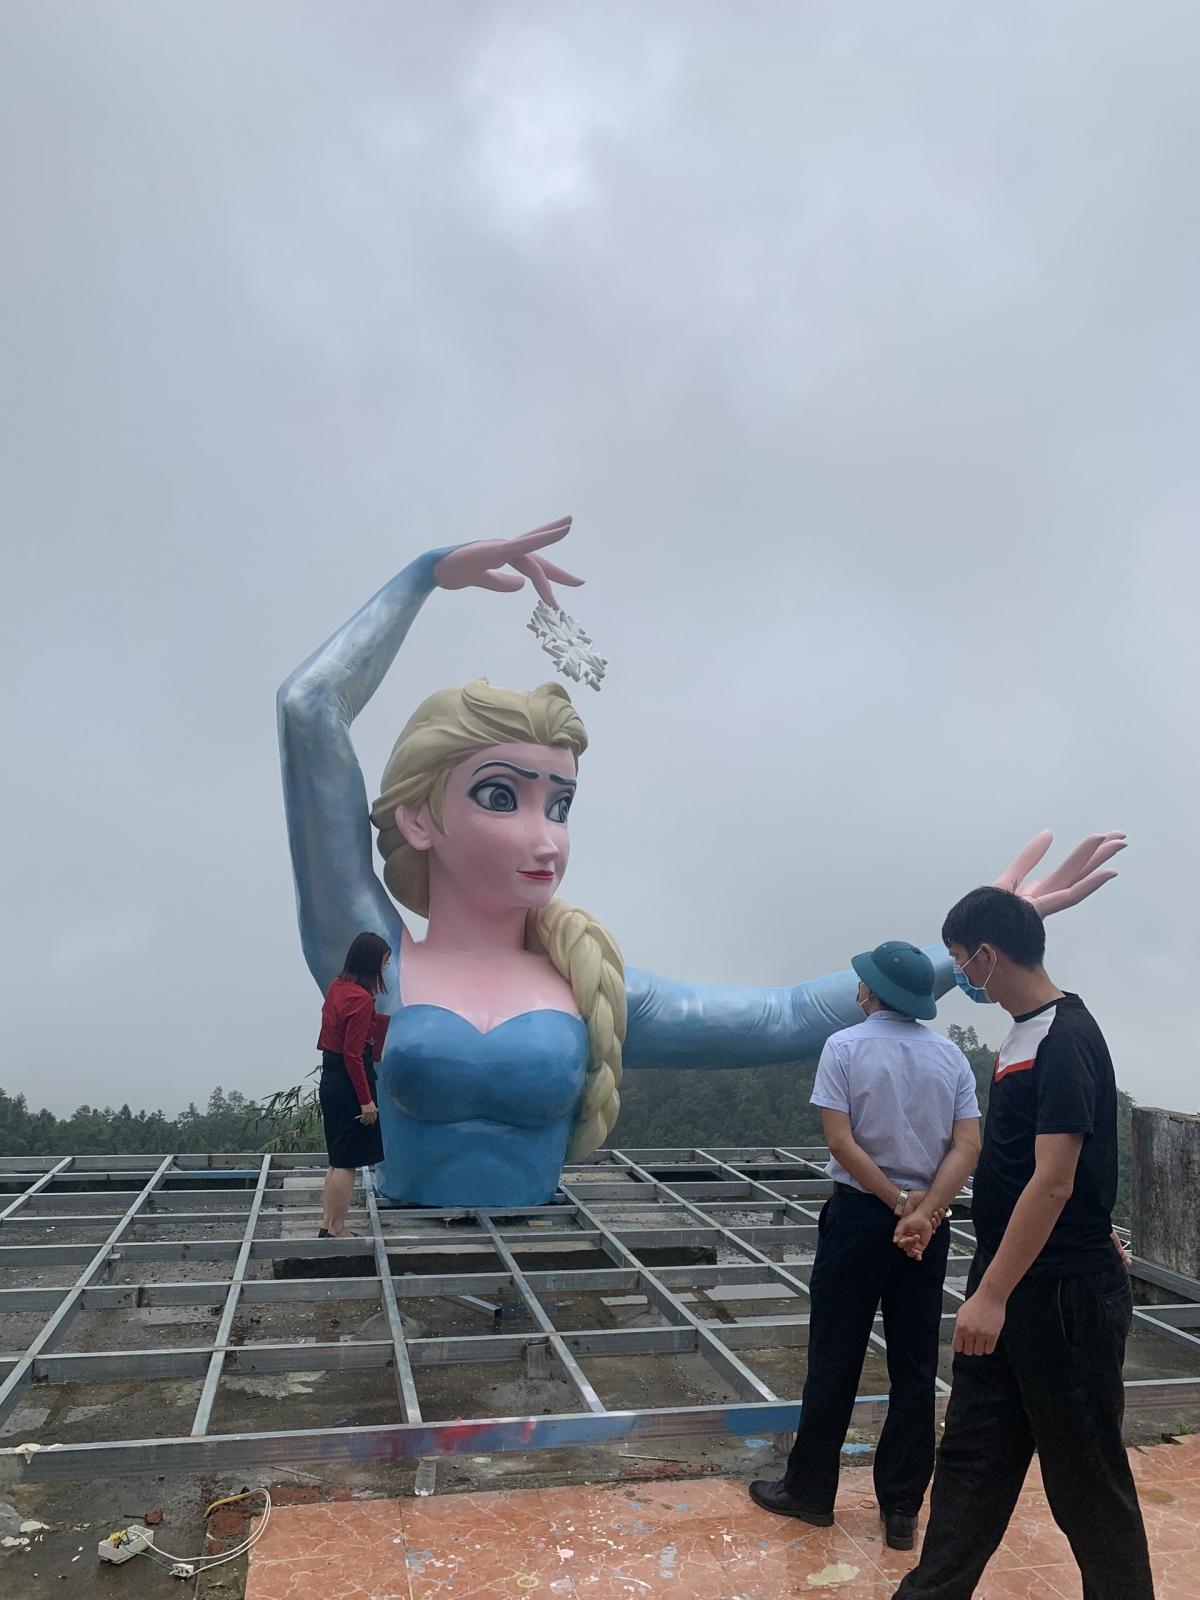 Đoàn kiểm tra công trình bức tượng Elsa ngày 19/7. Ảnh: Vinh Quân